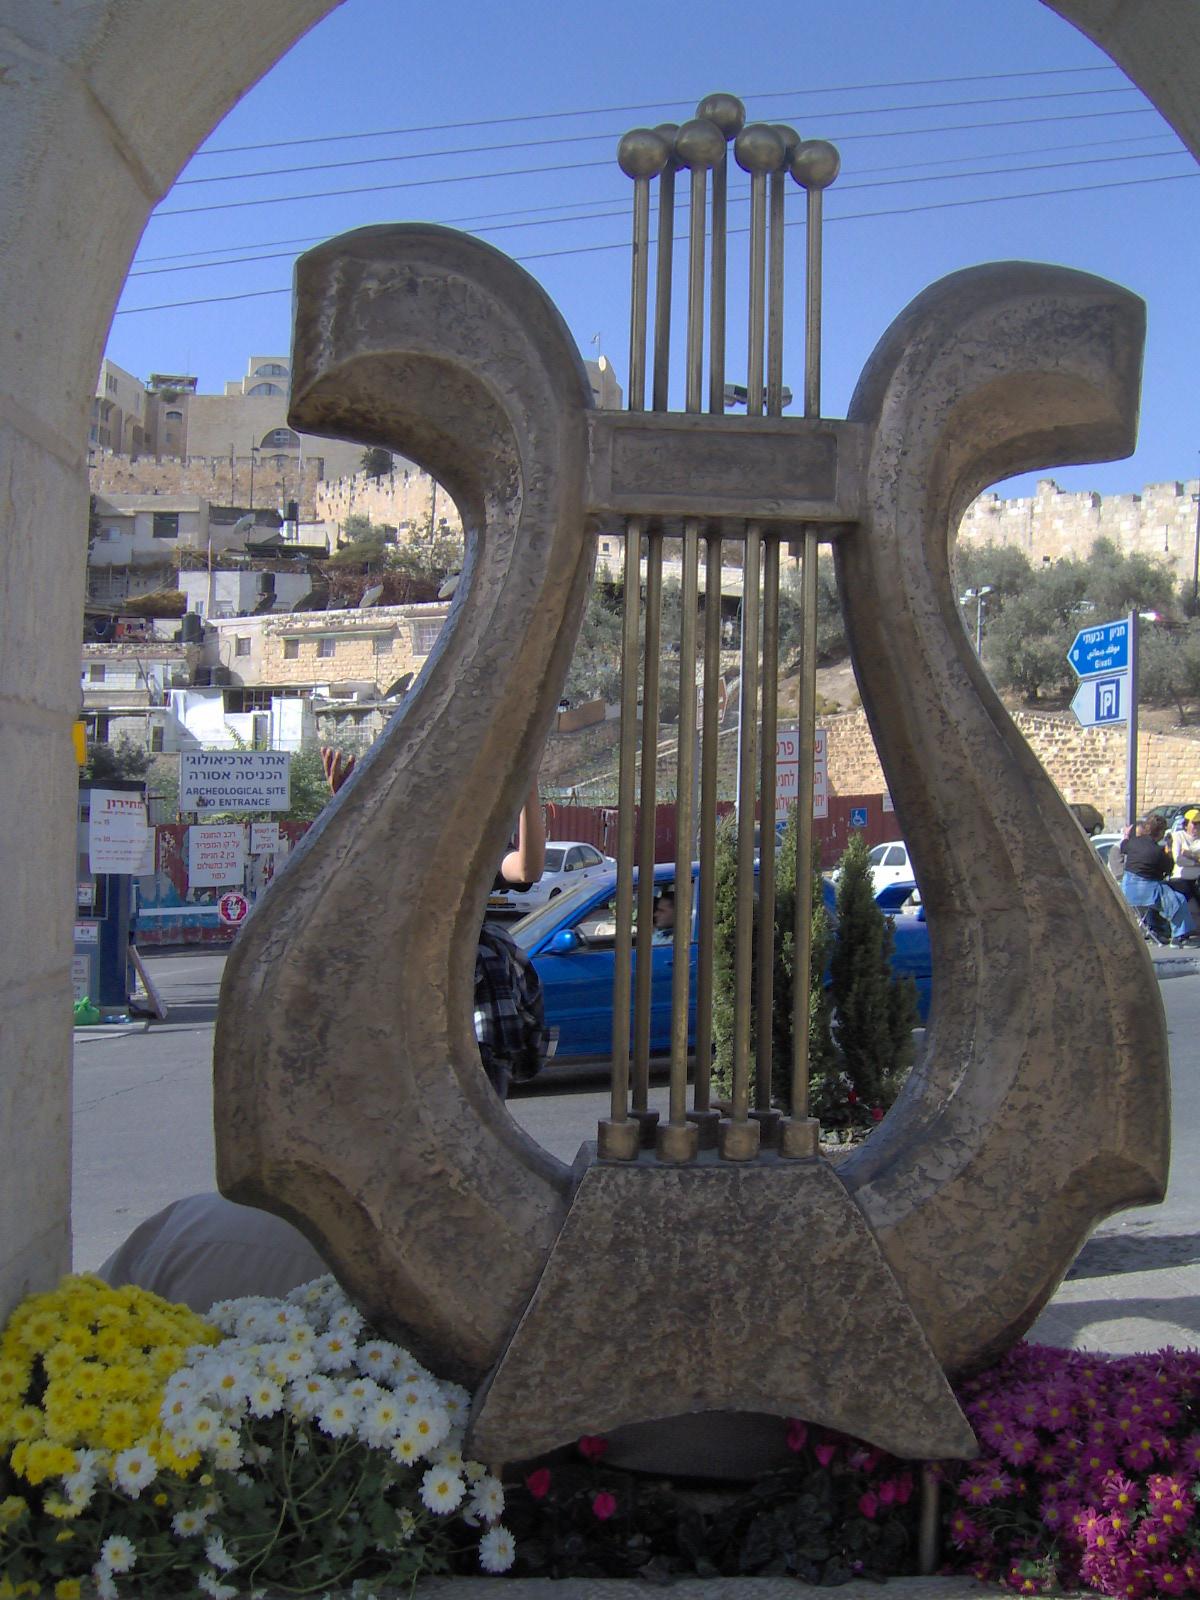 上图:树立在耶路撒冷大卫城的大卫琴雕像。这是古代以色列的一种乐器,被称为Kinnor/כִּנּוֹר,根据Bar Kochba硬币上的大卫琴图案复制而成。